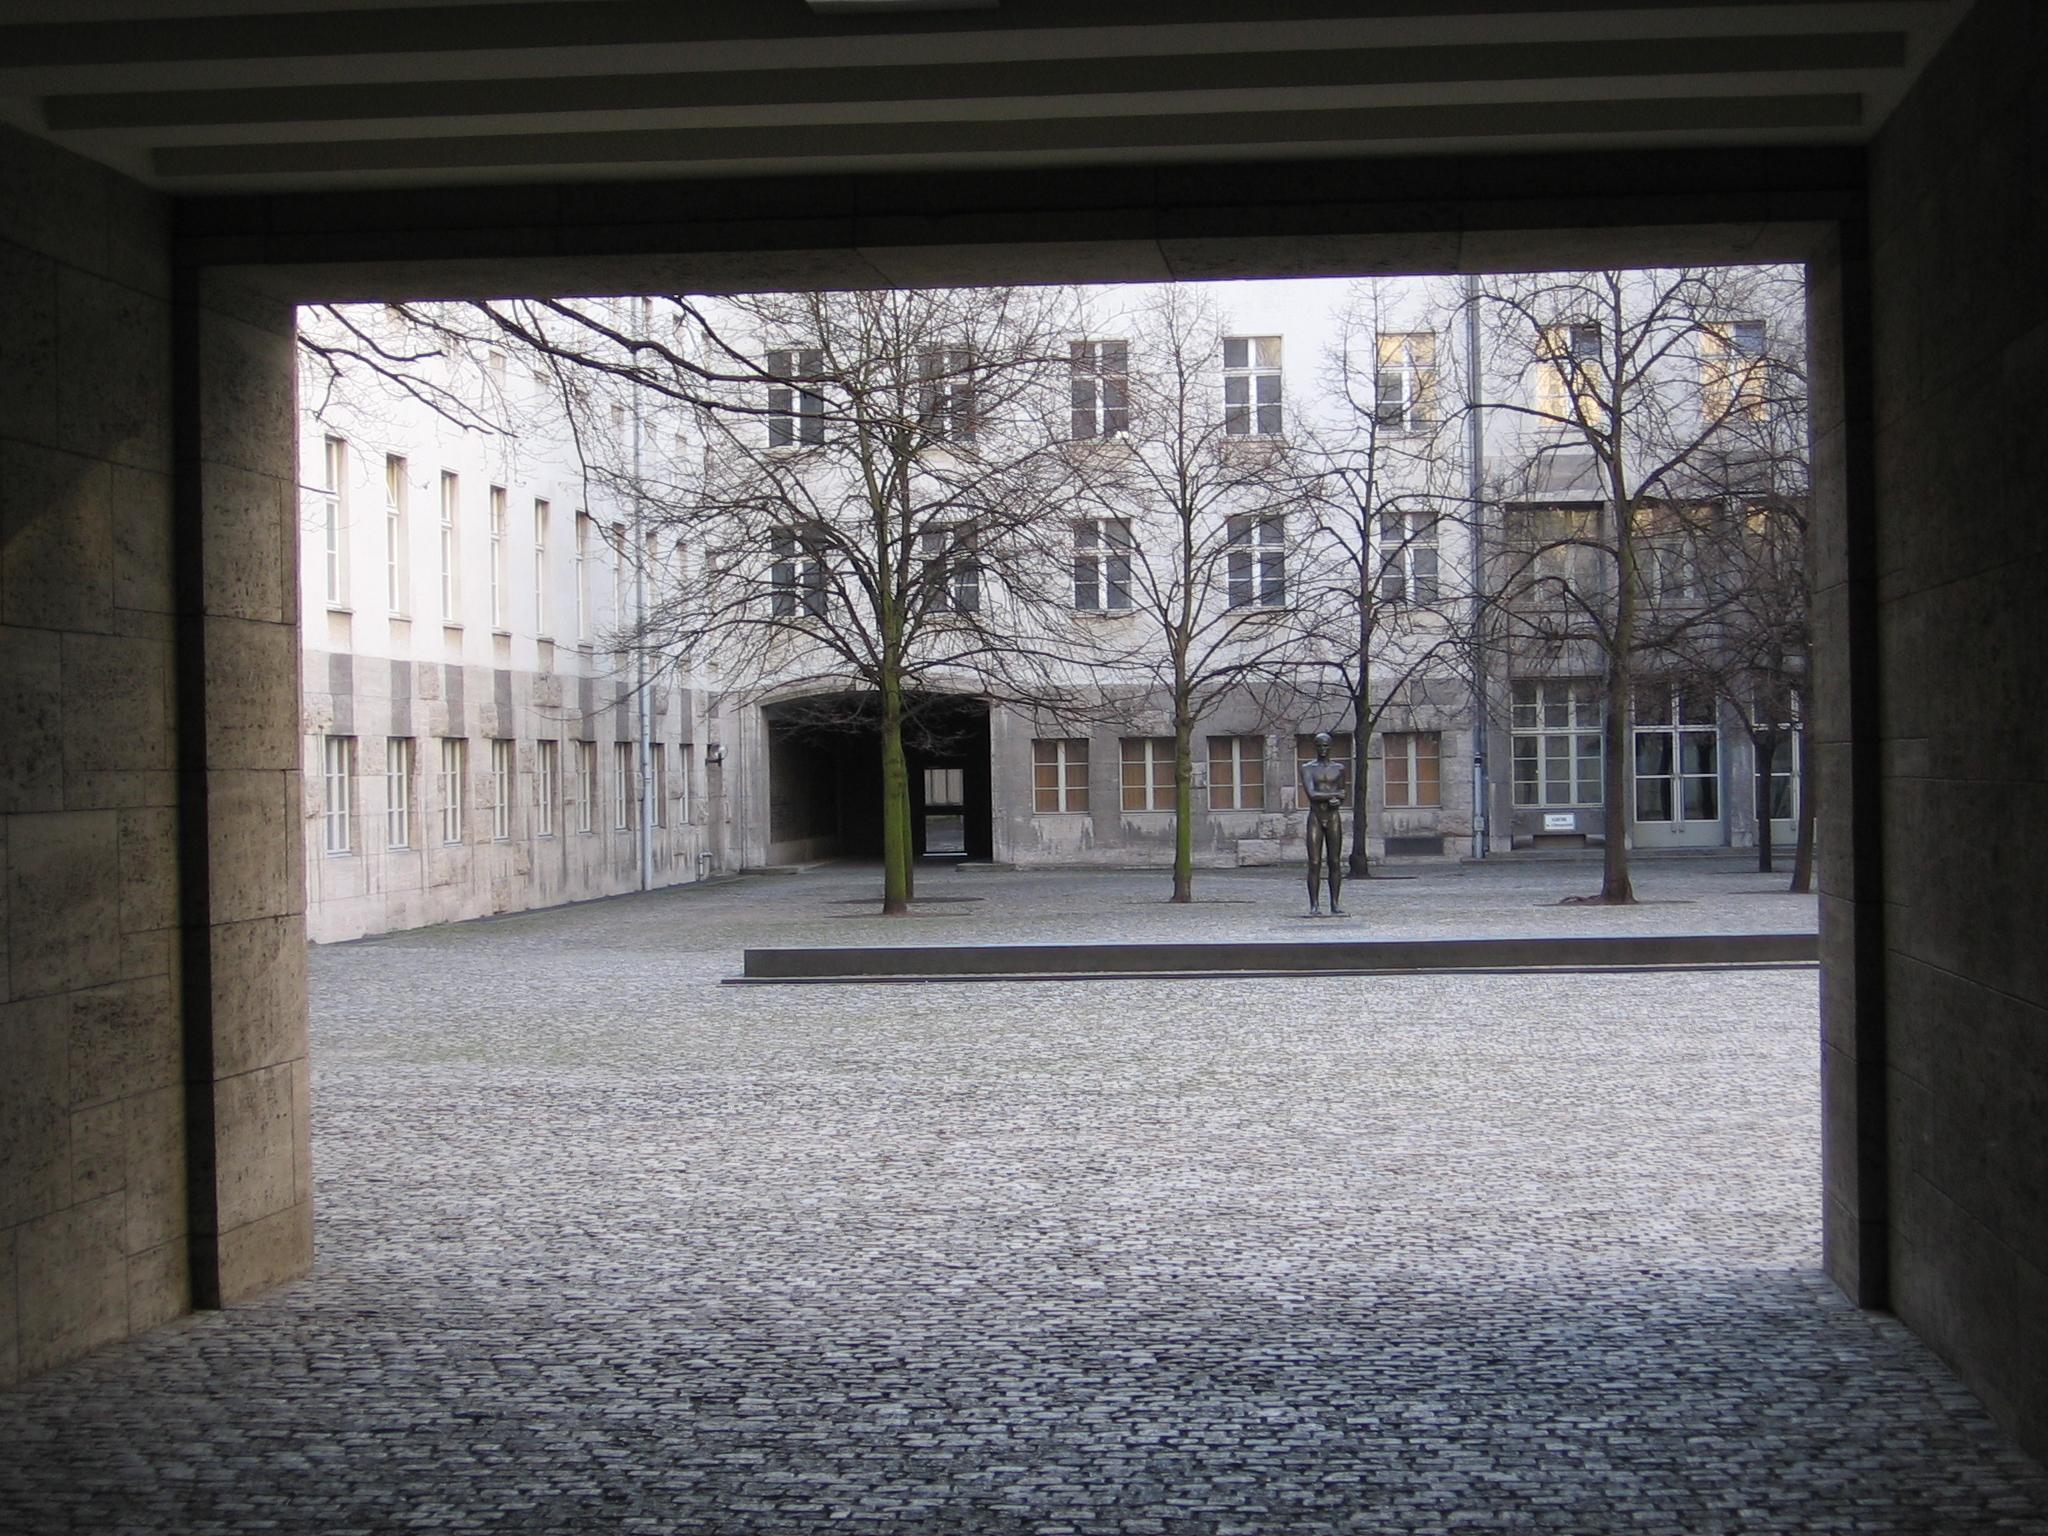 Blick in den Innenhof des Bendlerblocks